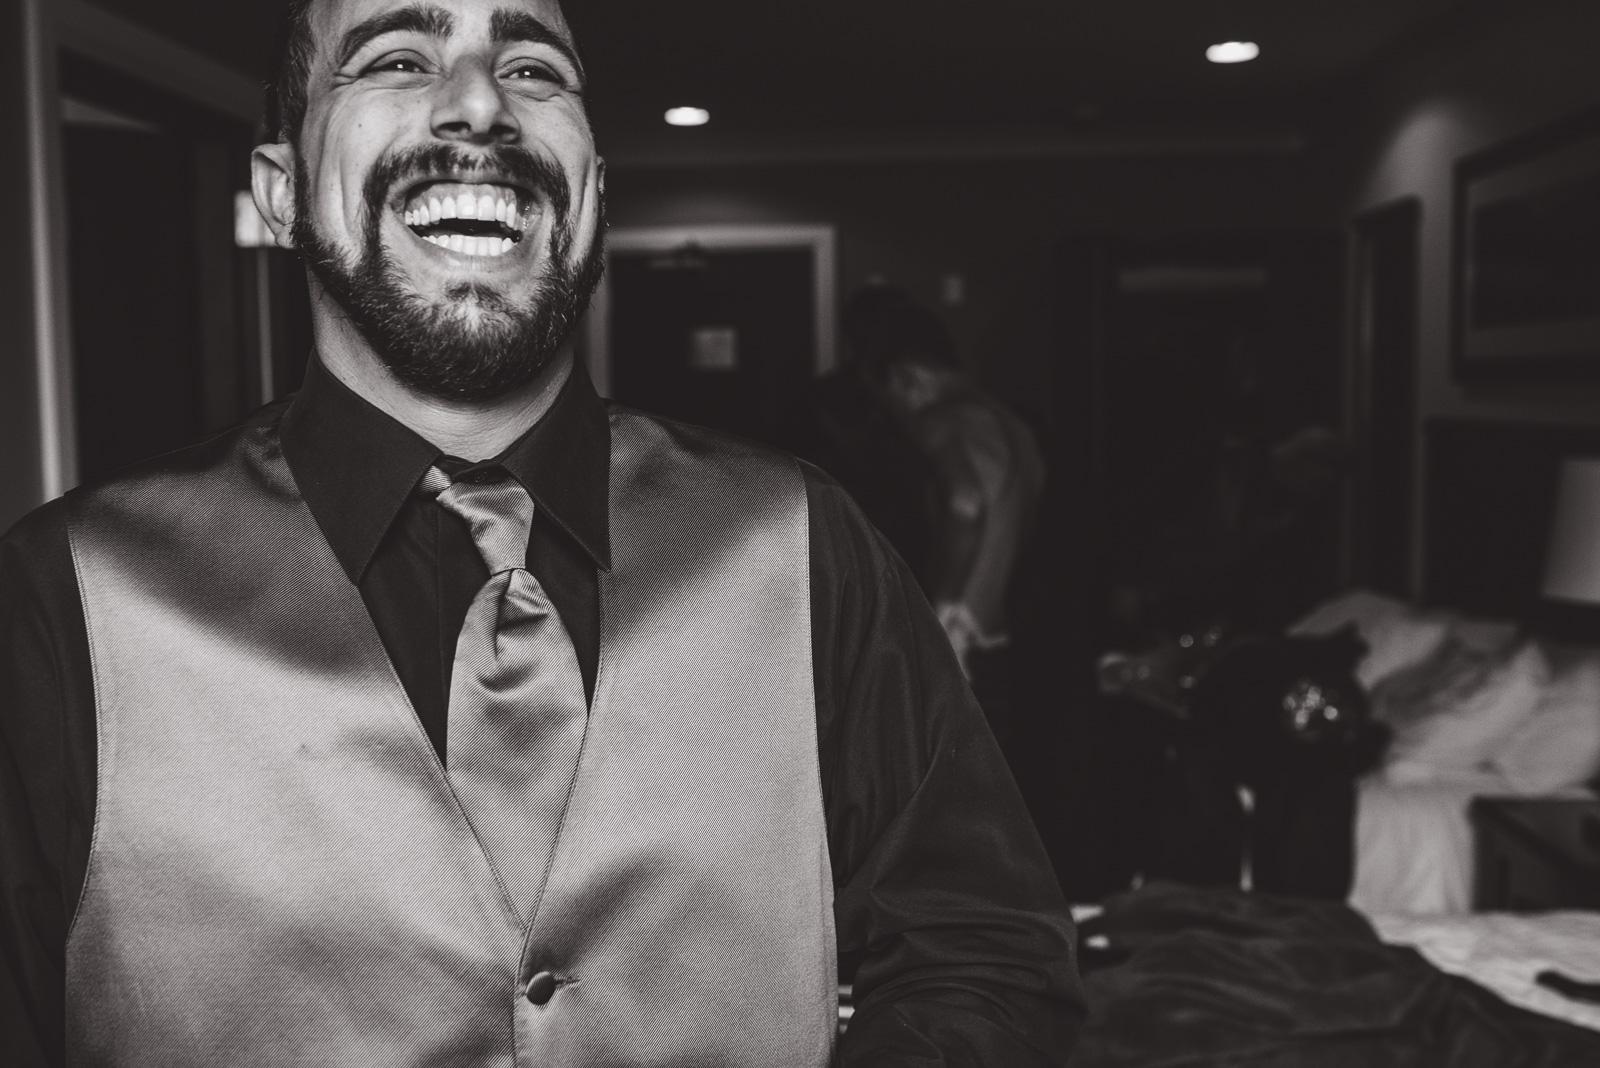 vancouver-island-wedding-photographers-nelson-hume-hotel-wedding-11.jpg